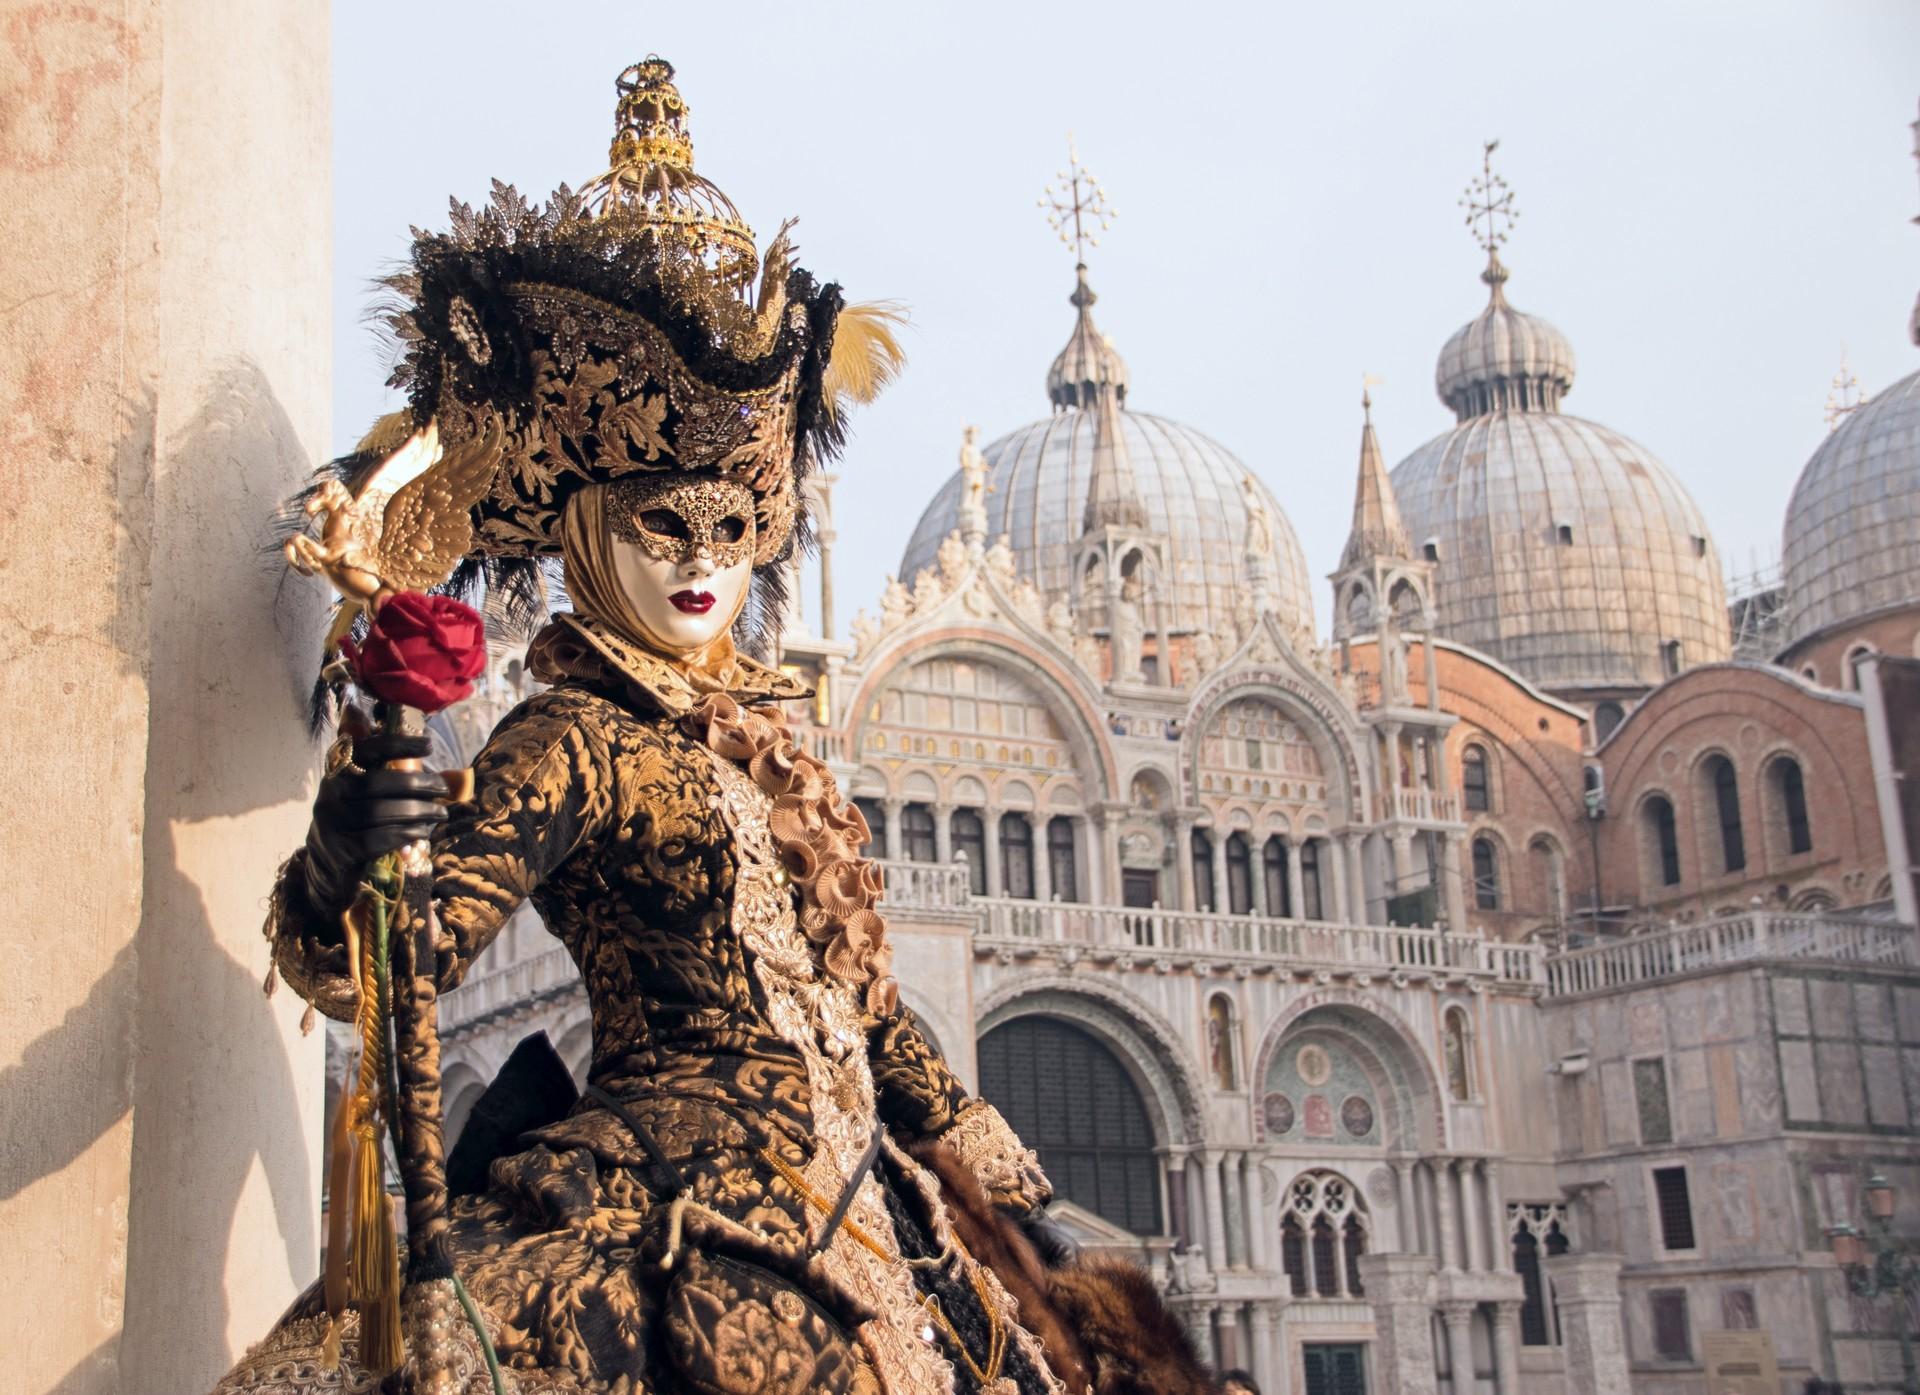 carnevale-veneziano-tutto-ce-sapere-2f12